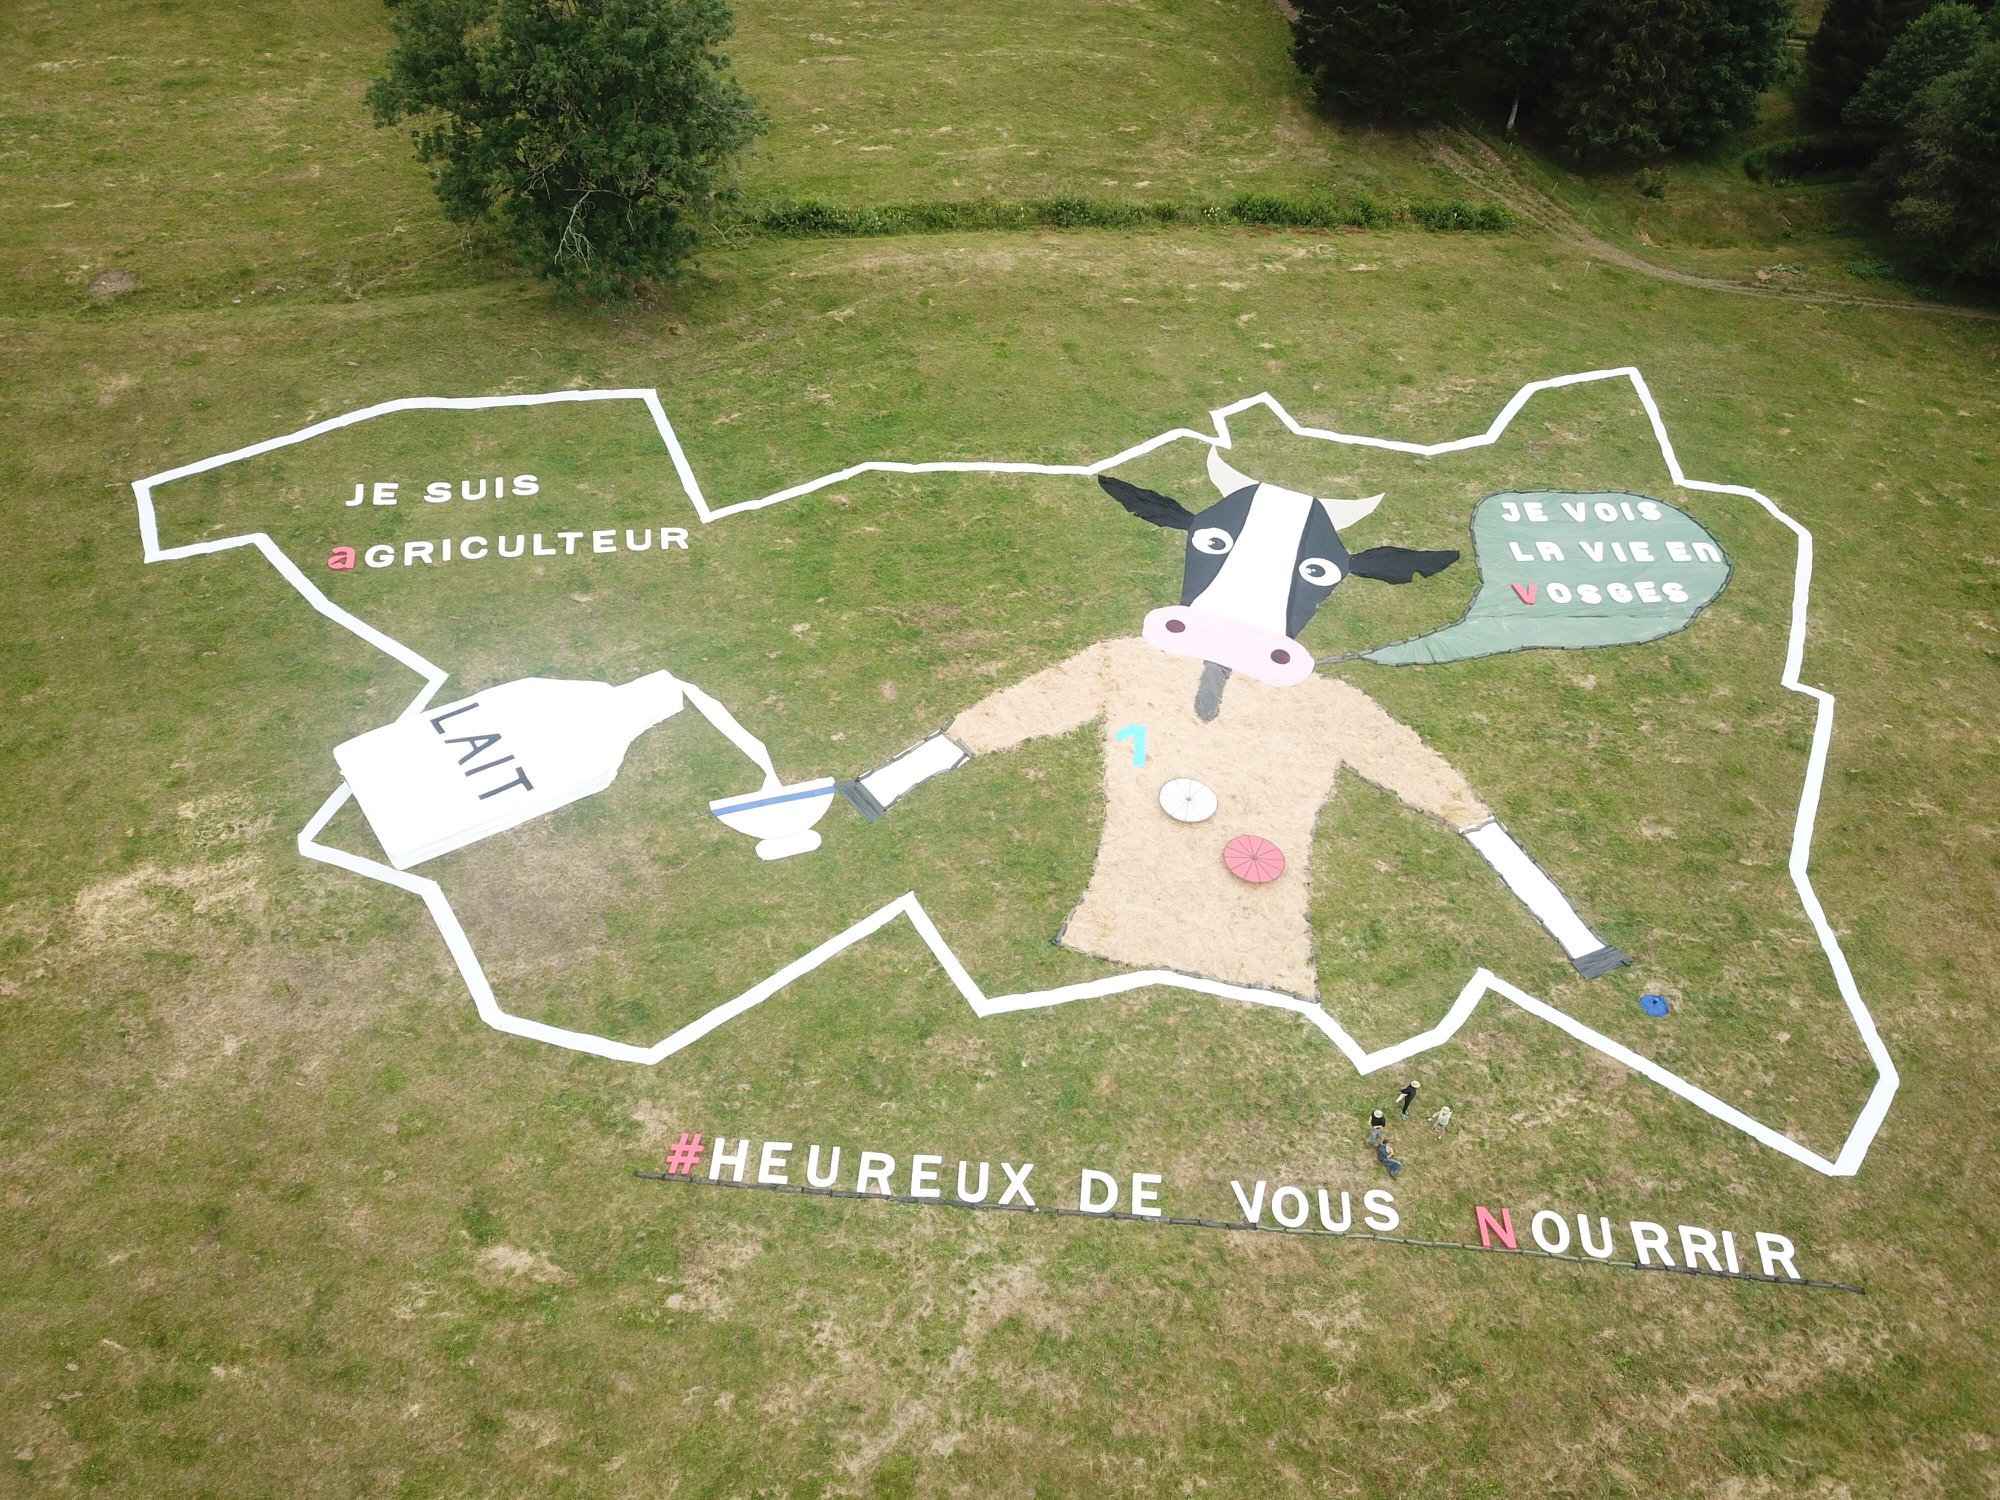 """Photo de la page Facebook """"Je Vois la Vie en Vosges"""""""